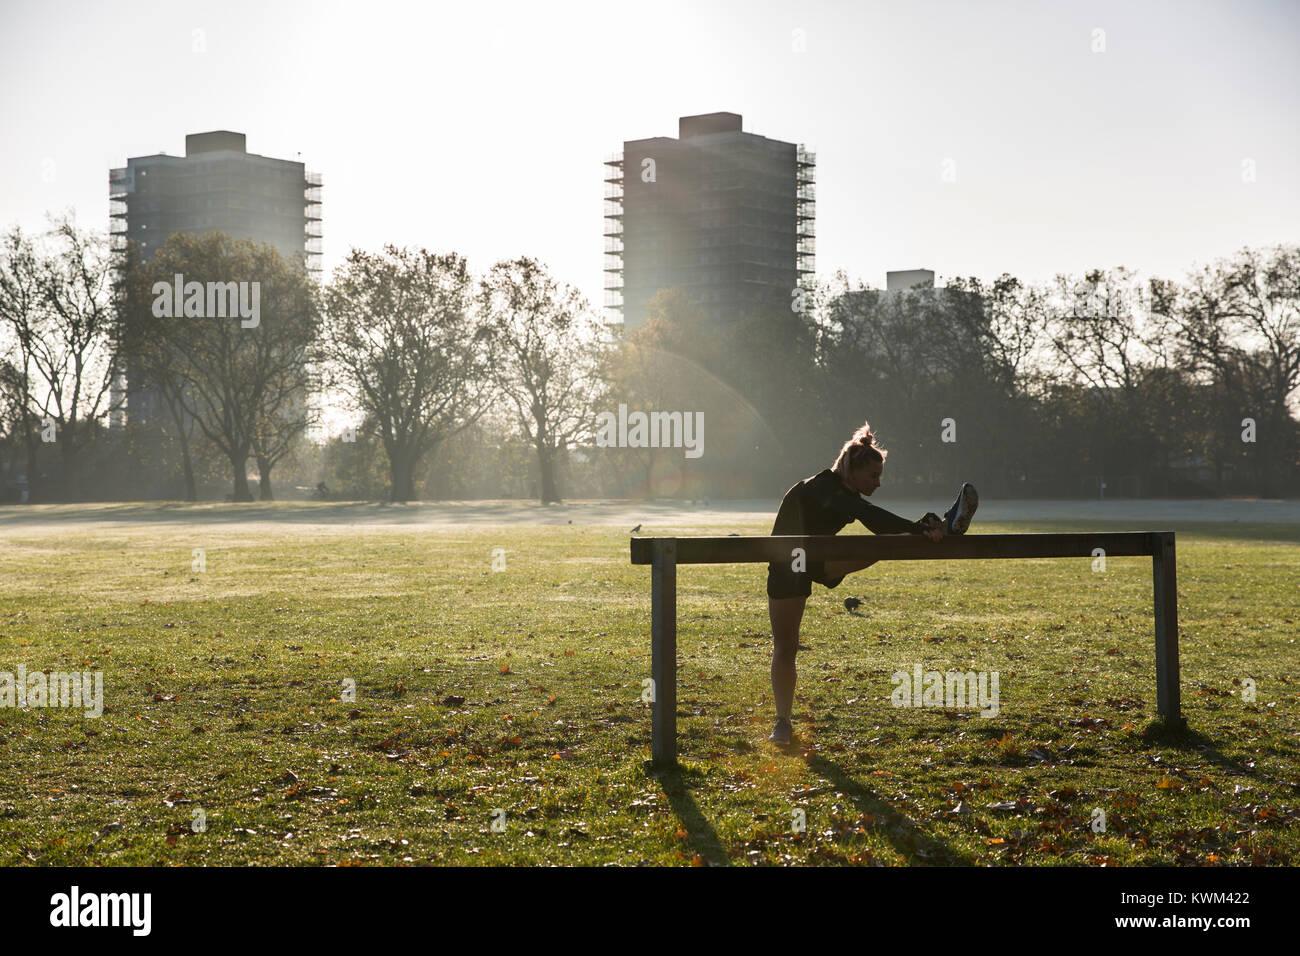 De toute la longueur de la jambe sur l'équipement d'exercice contre les bâtiments au parc en journée Photo Stock